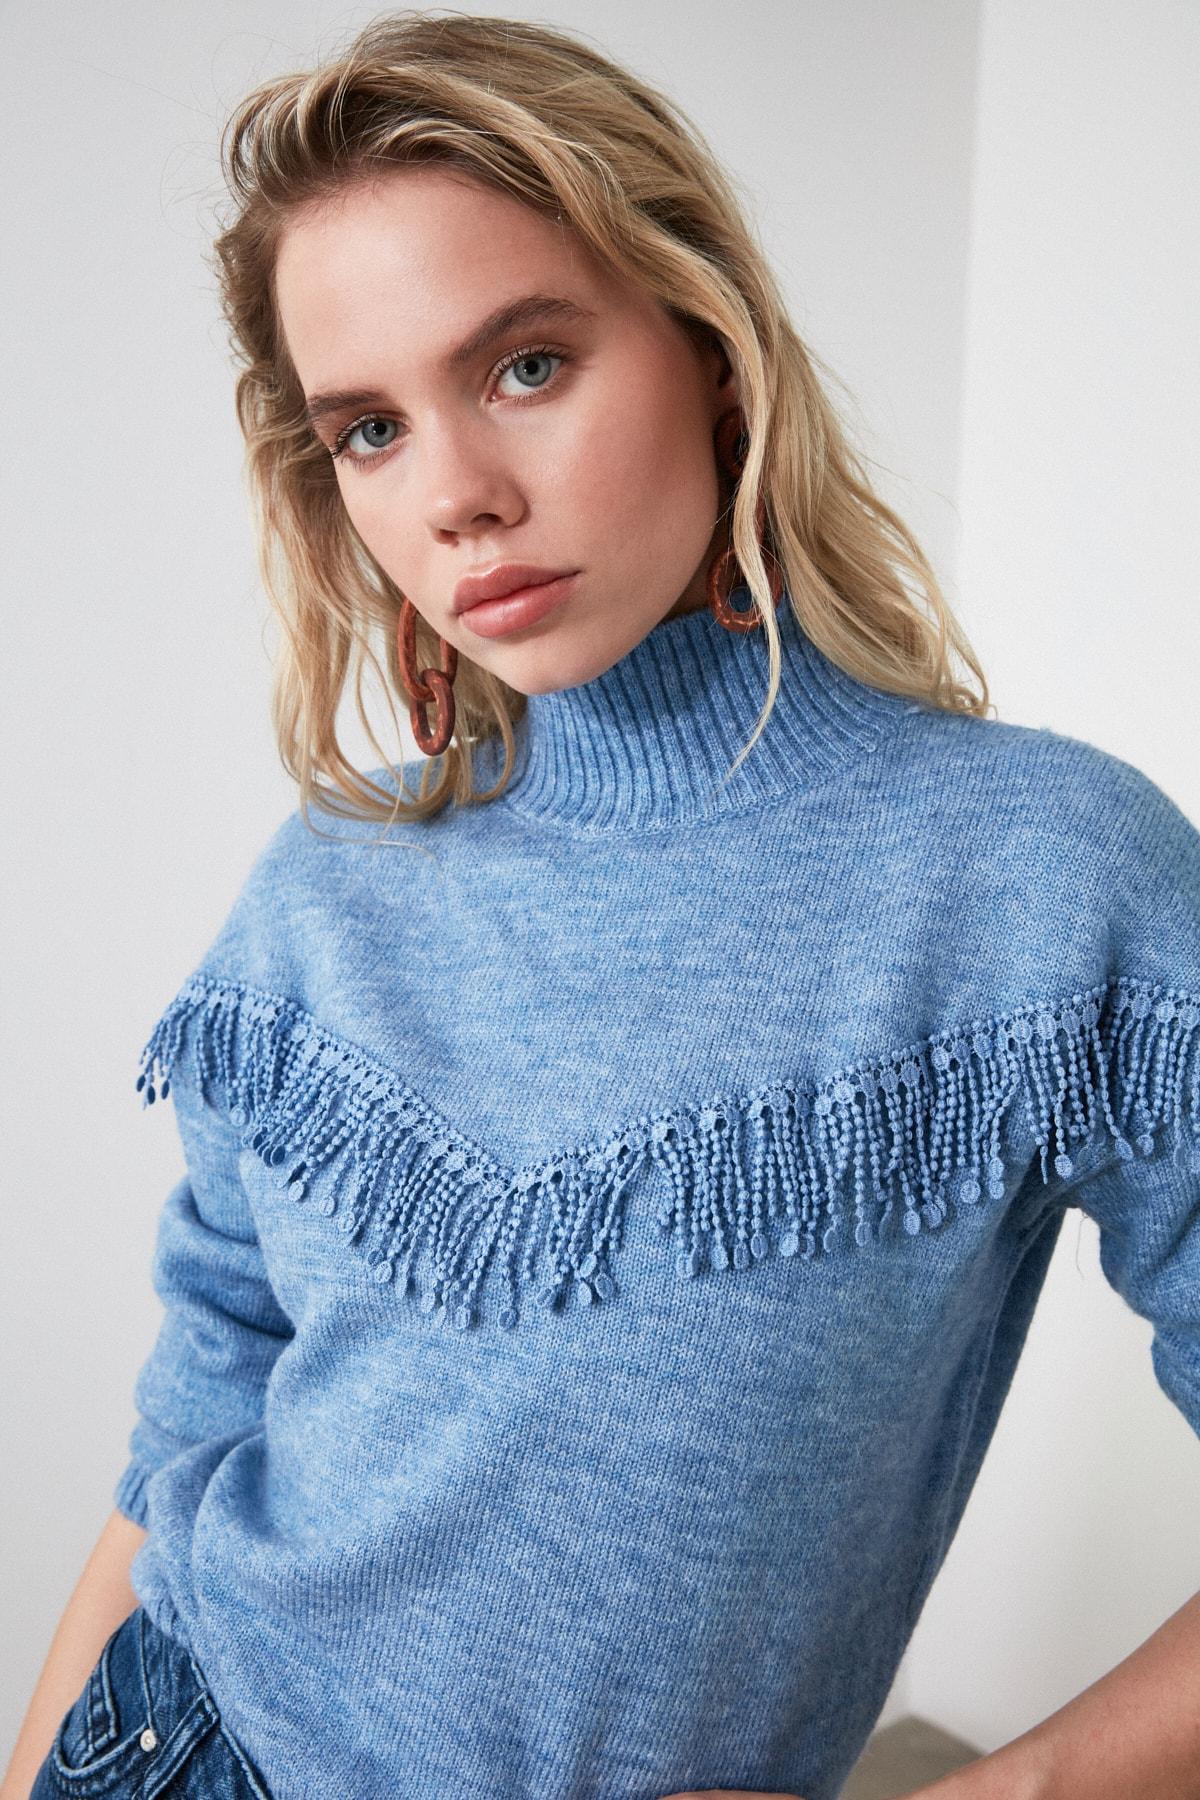 Trendyol Accessory Detailed Knitwear Sweater TWOAW21KZ0029